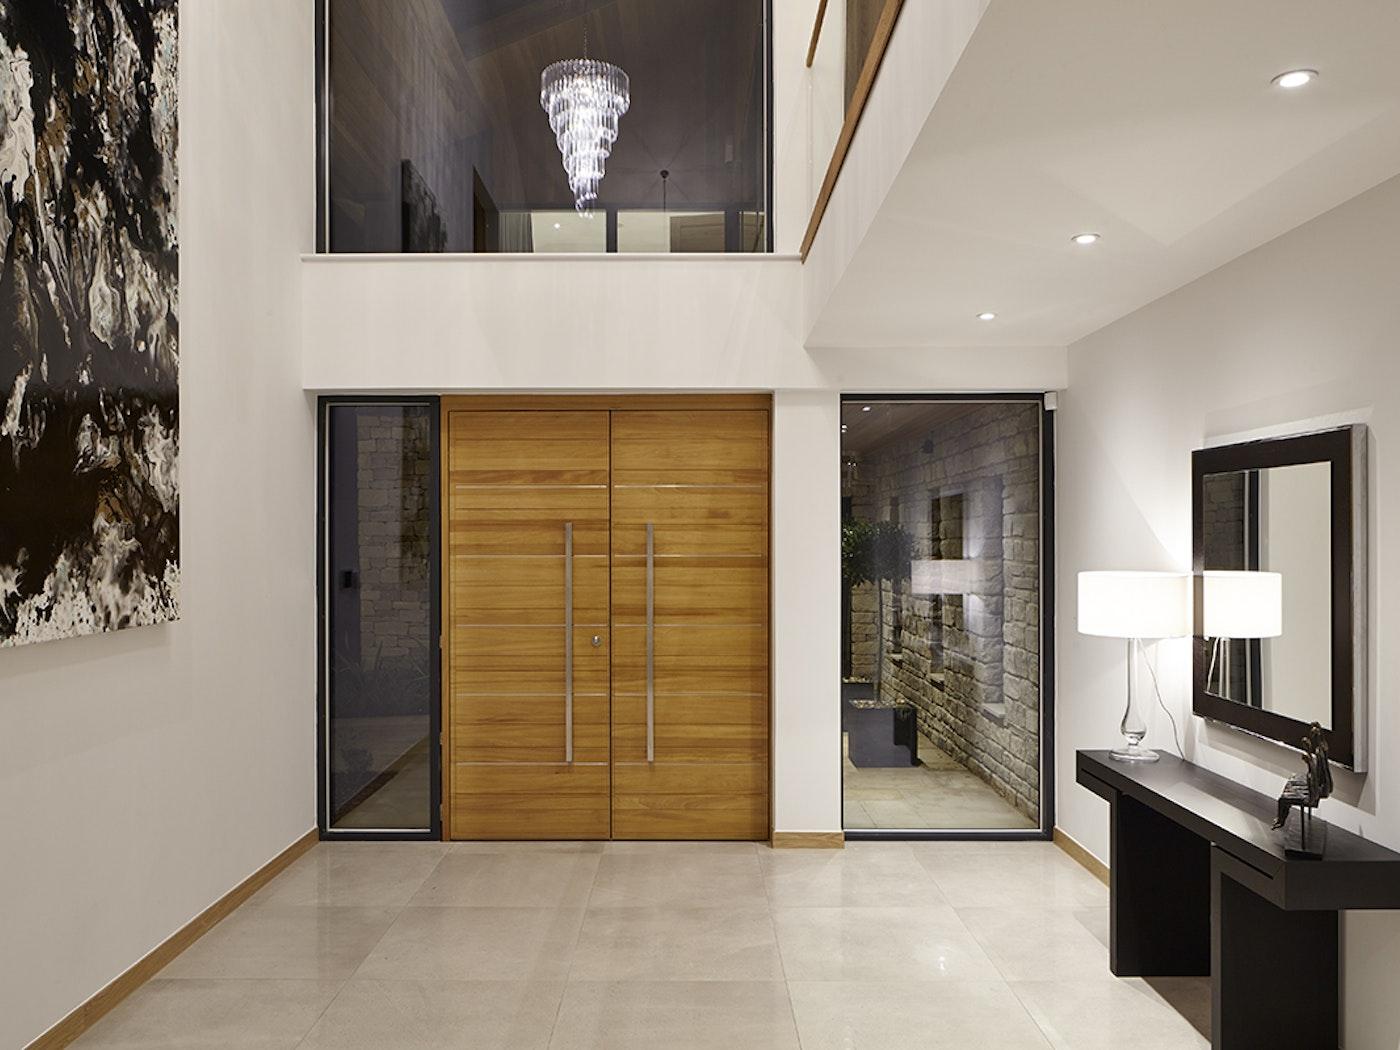 Rondo front door   Horizontal grooves, double doors   Urban Front